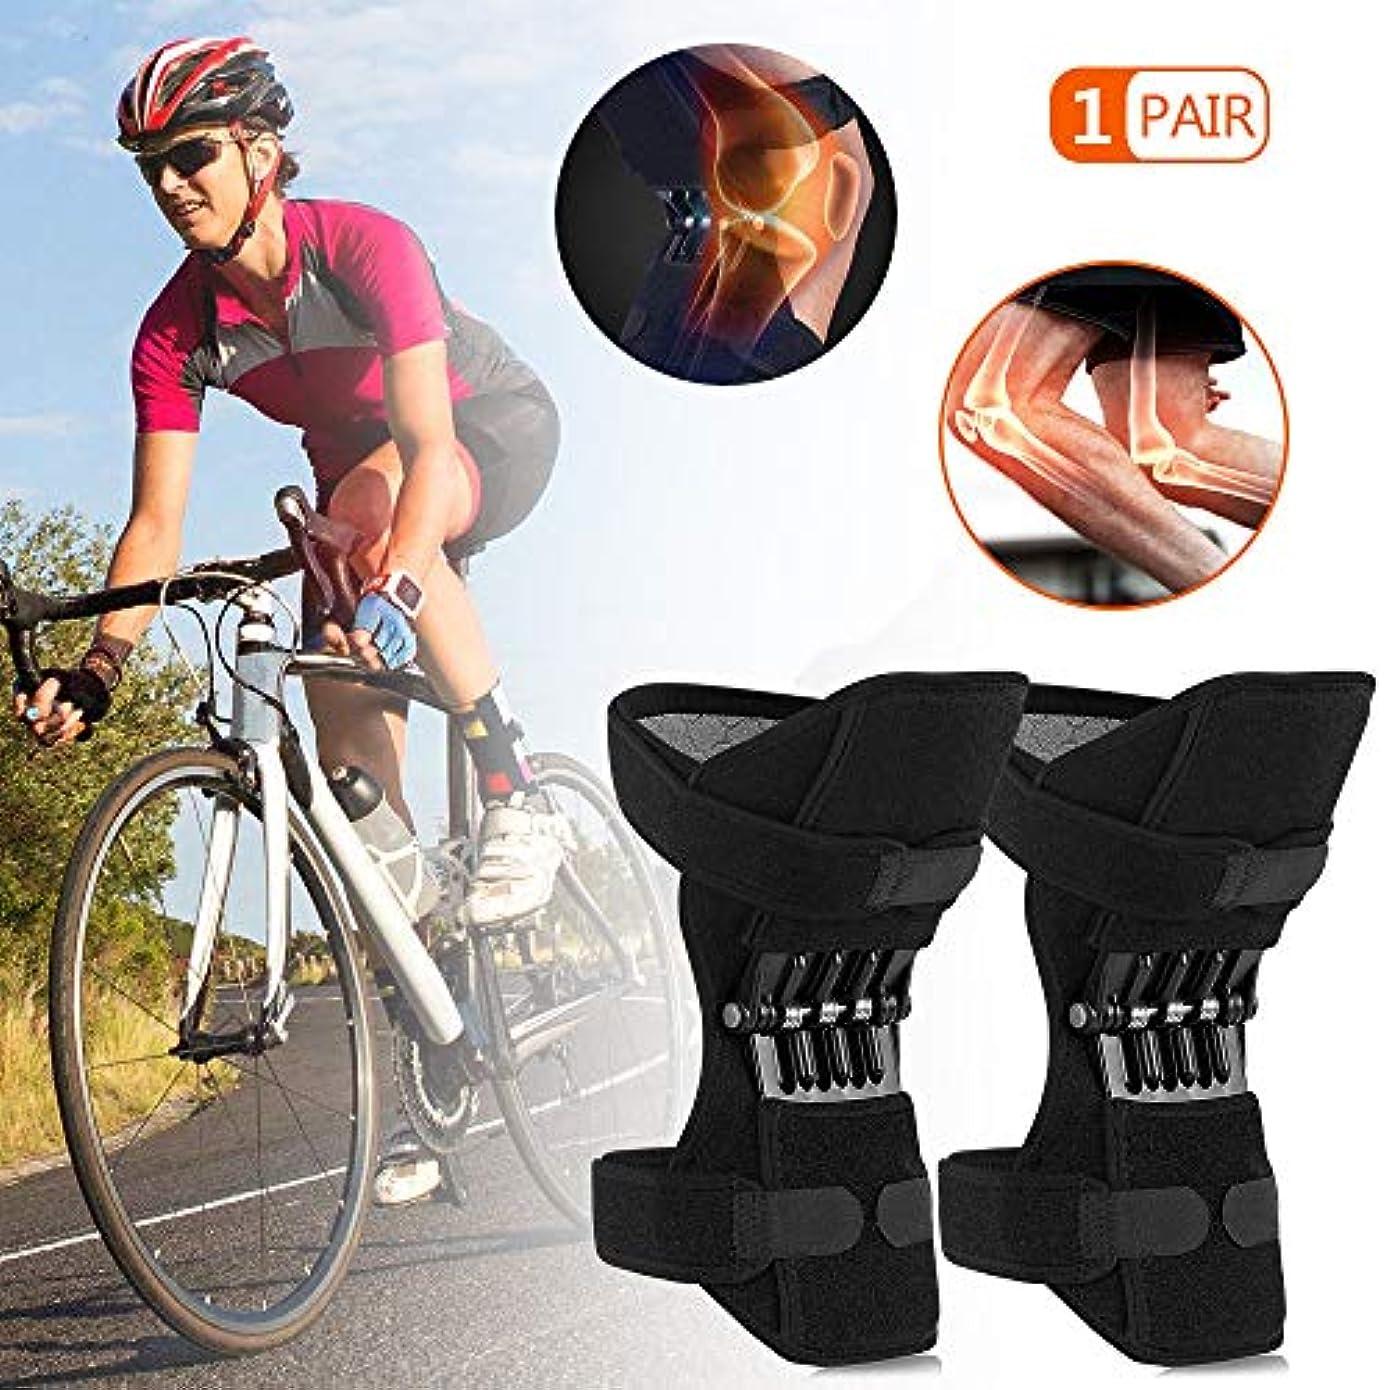 かすれたループ温度計膝サポーター 痛み、膝 サポーター 医療用、パワーリフト膝保護ブースター、ニーブースター、関節サポート膝パッドブレース通気性膝保護ブースター強力なリバウンドスプリングフォースオールドコールドレッグ